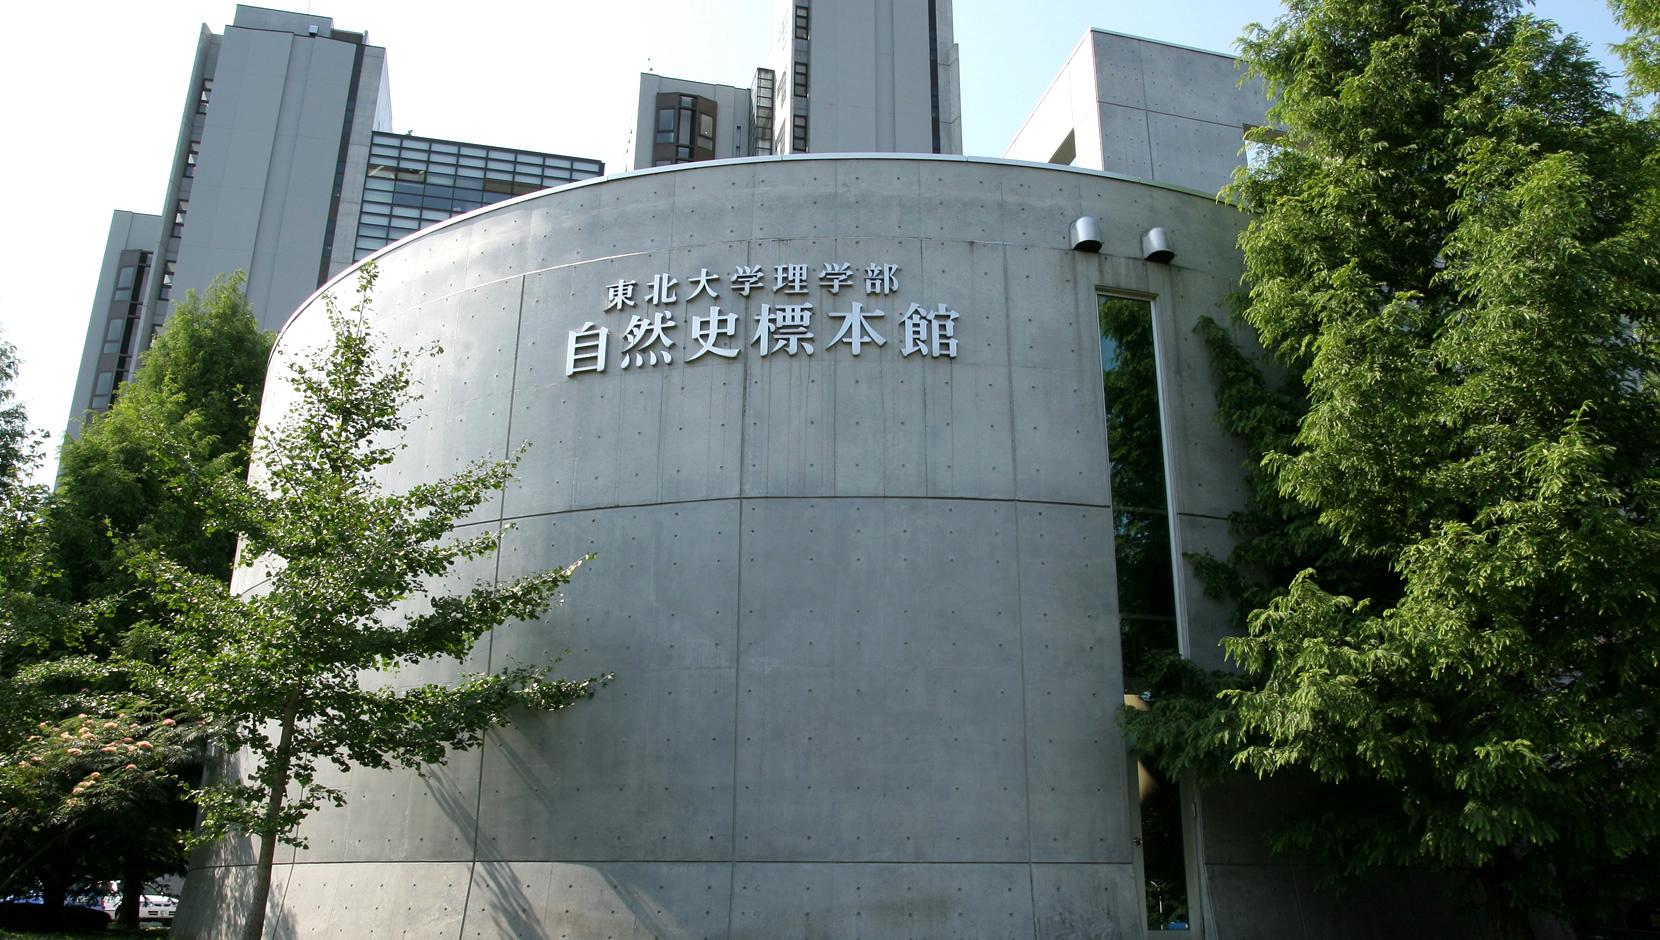 仙台Loople巴士东北大学博物馆站